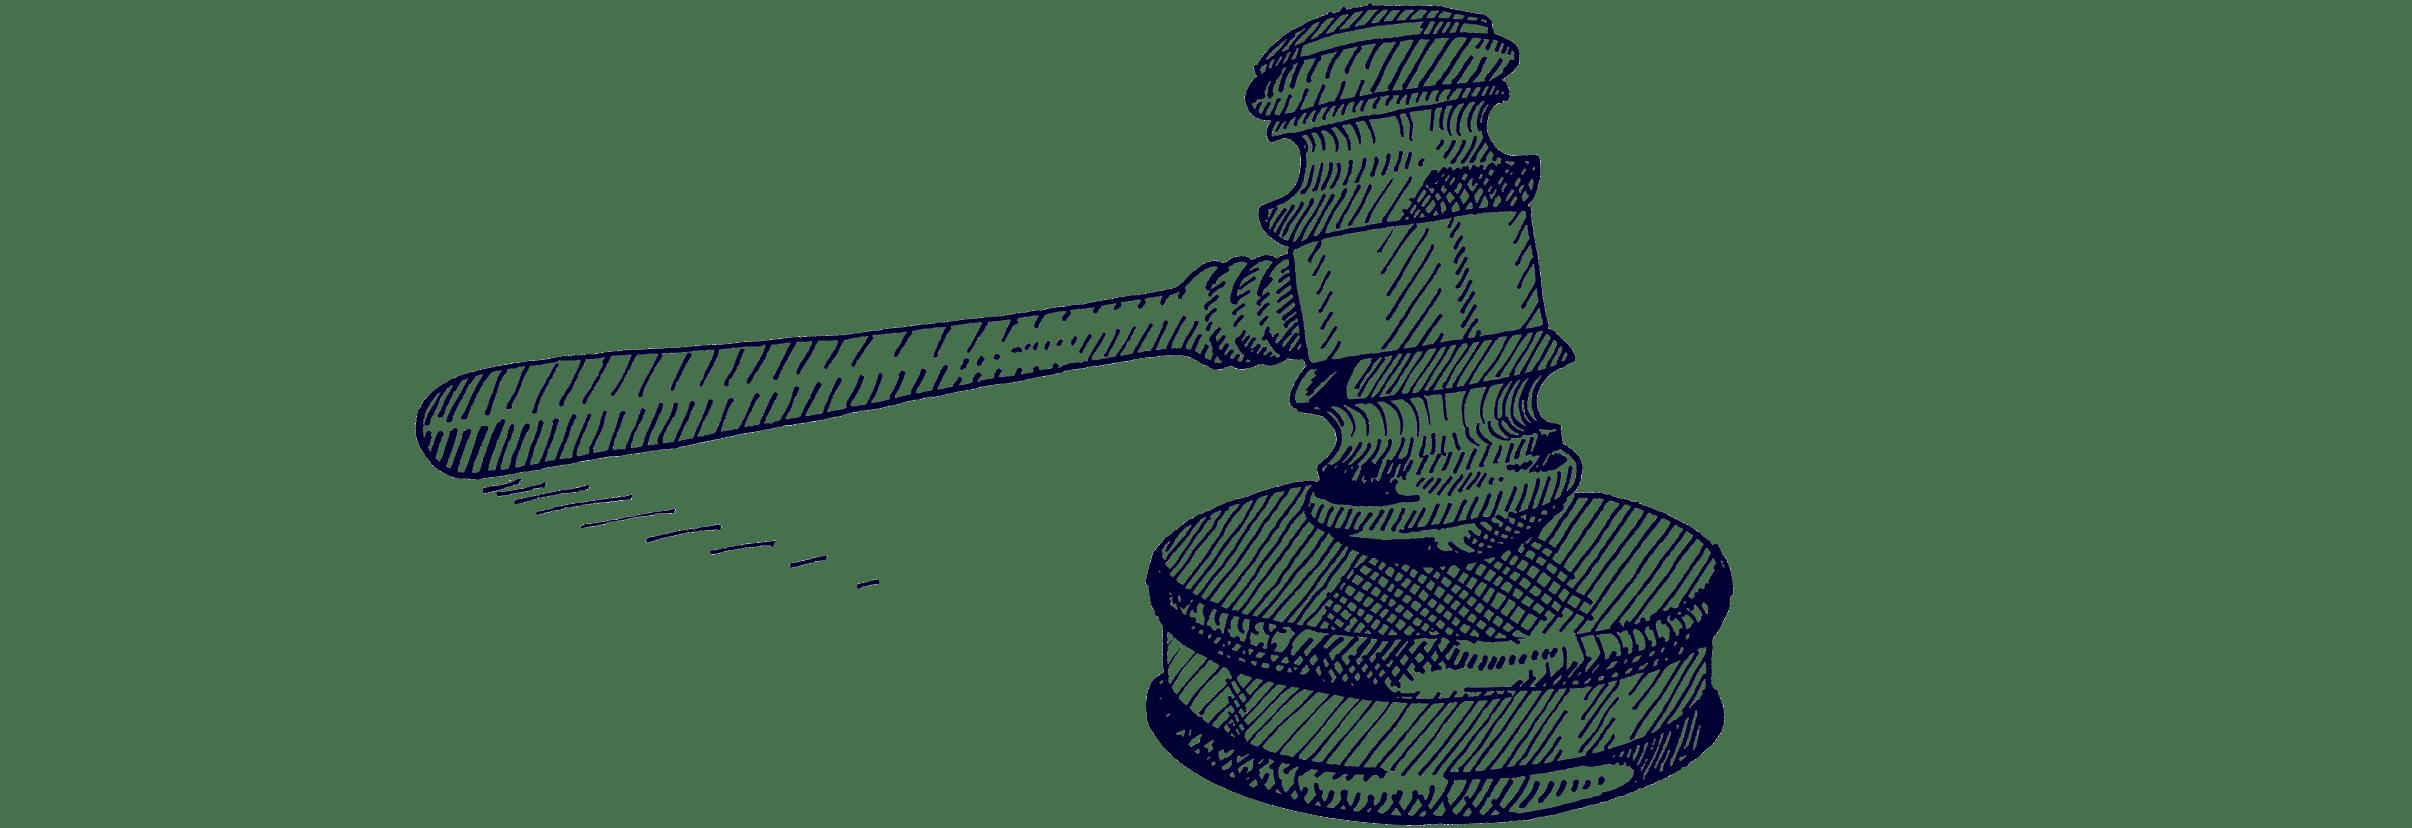 Wirtschaftsrecht | Haslinger / Nagele, Illustration: Karlheinz Wasserbacher